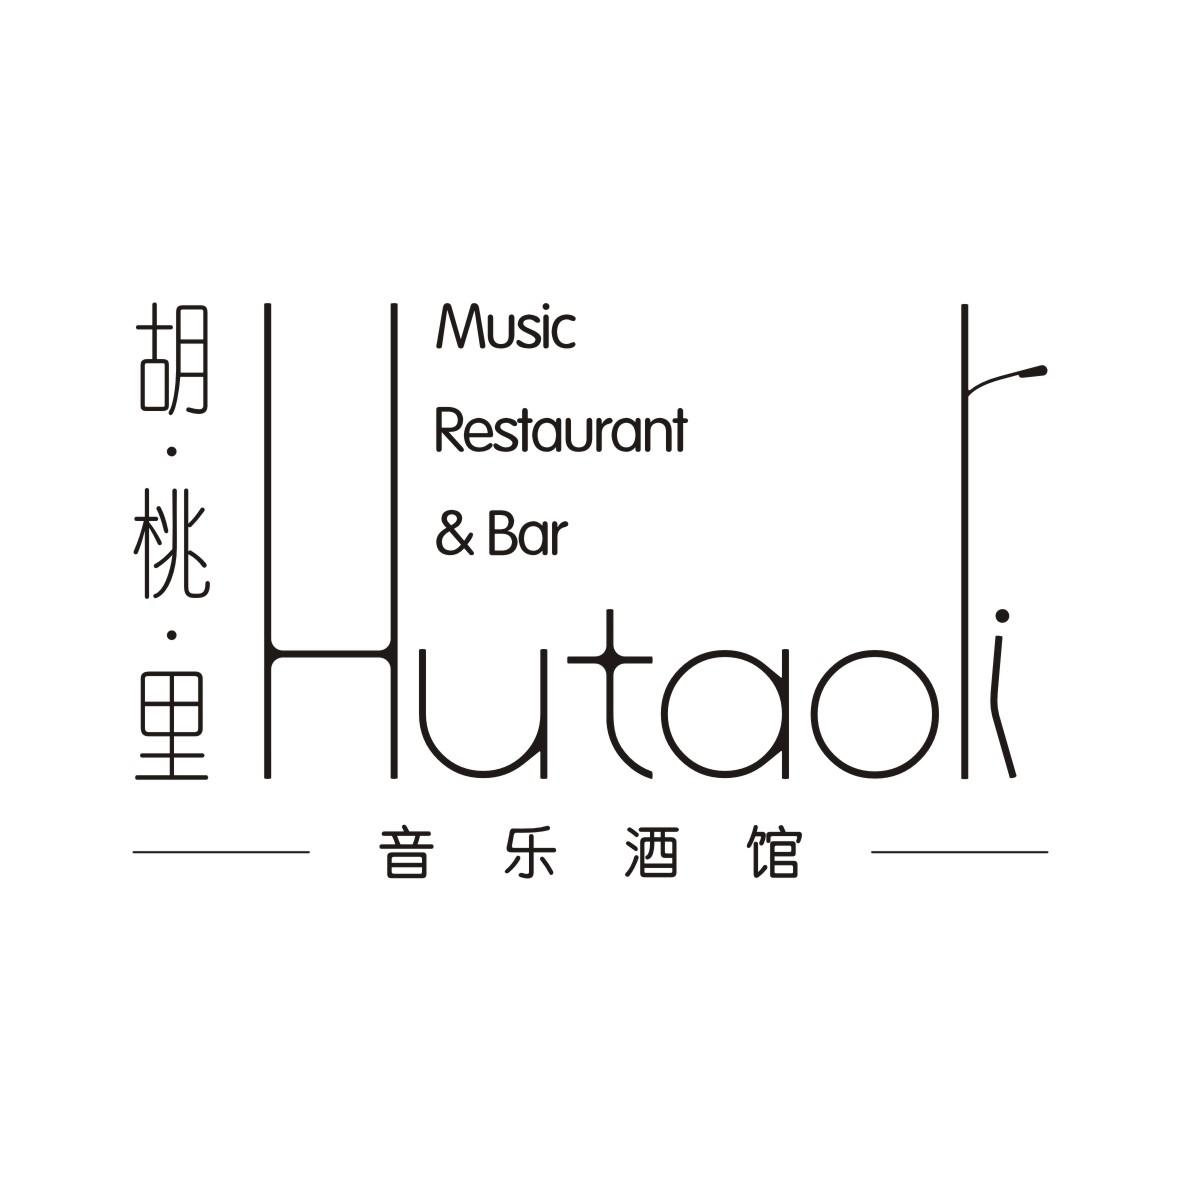 胡桃里音乐酒吧